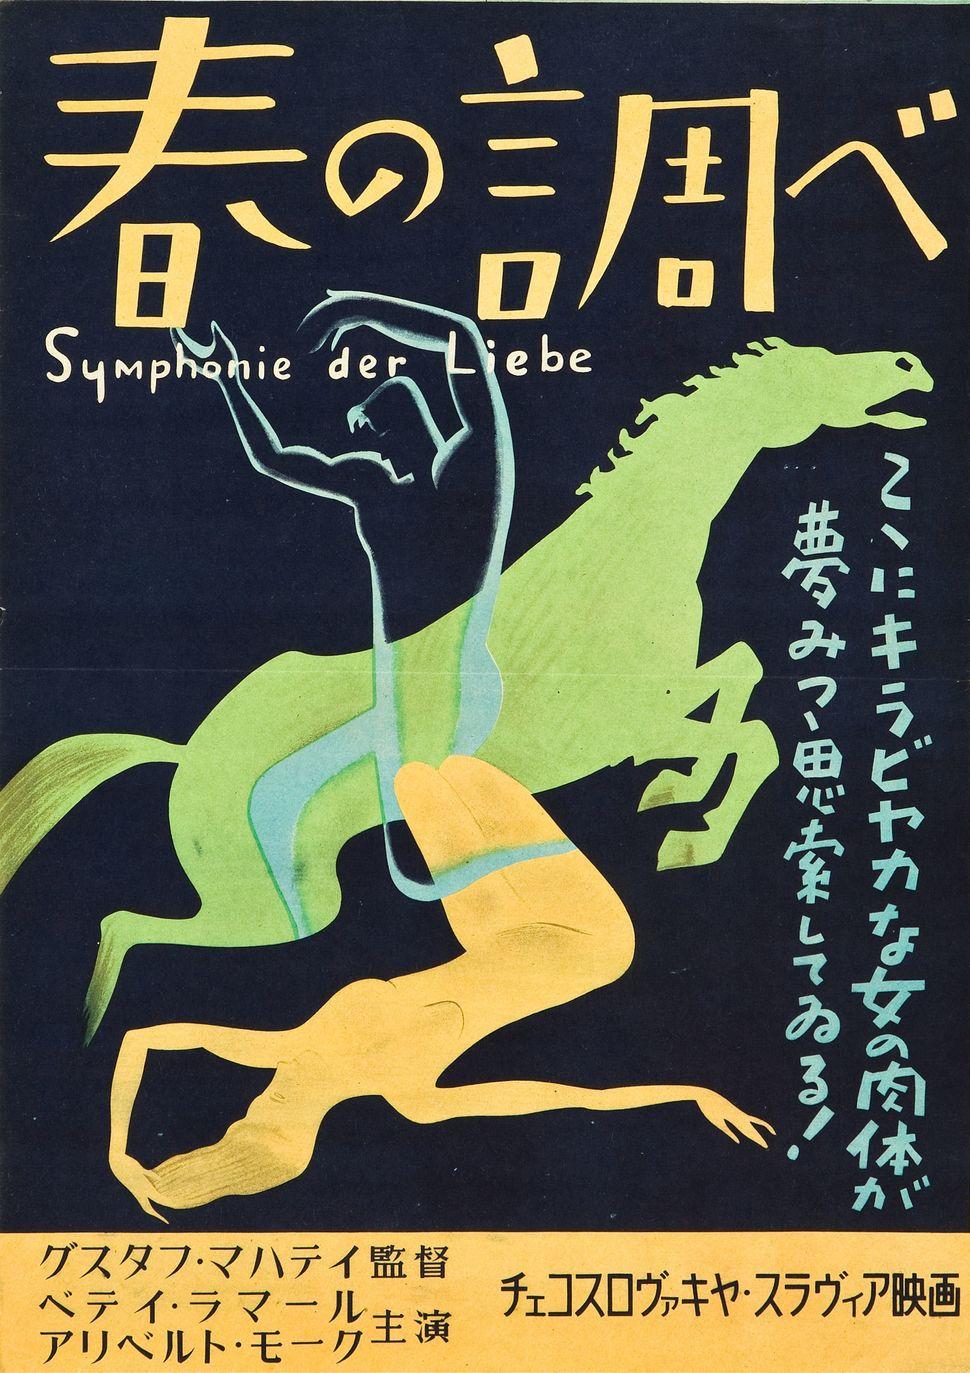 """<a href=""""http://movieposters.ha.com/itm/romance/symphonie-der-liebe-l-alliance-generale-de-distribution-cinematographi-1949-f"""